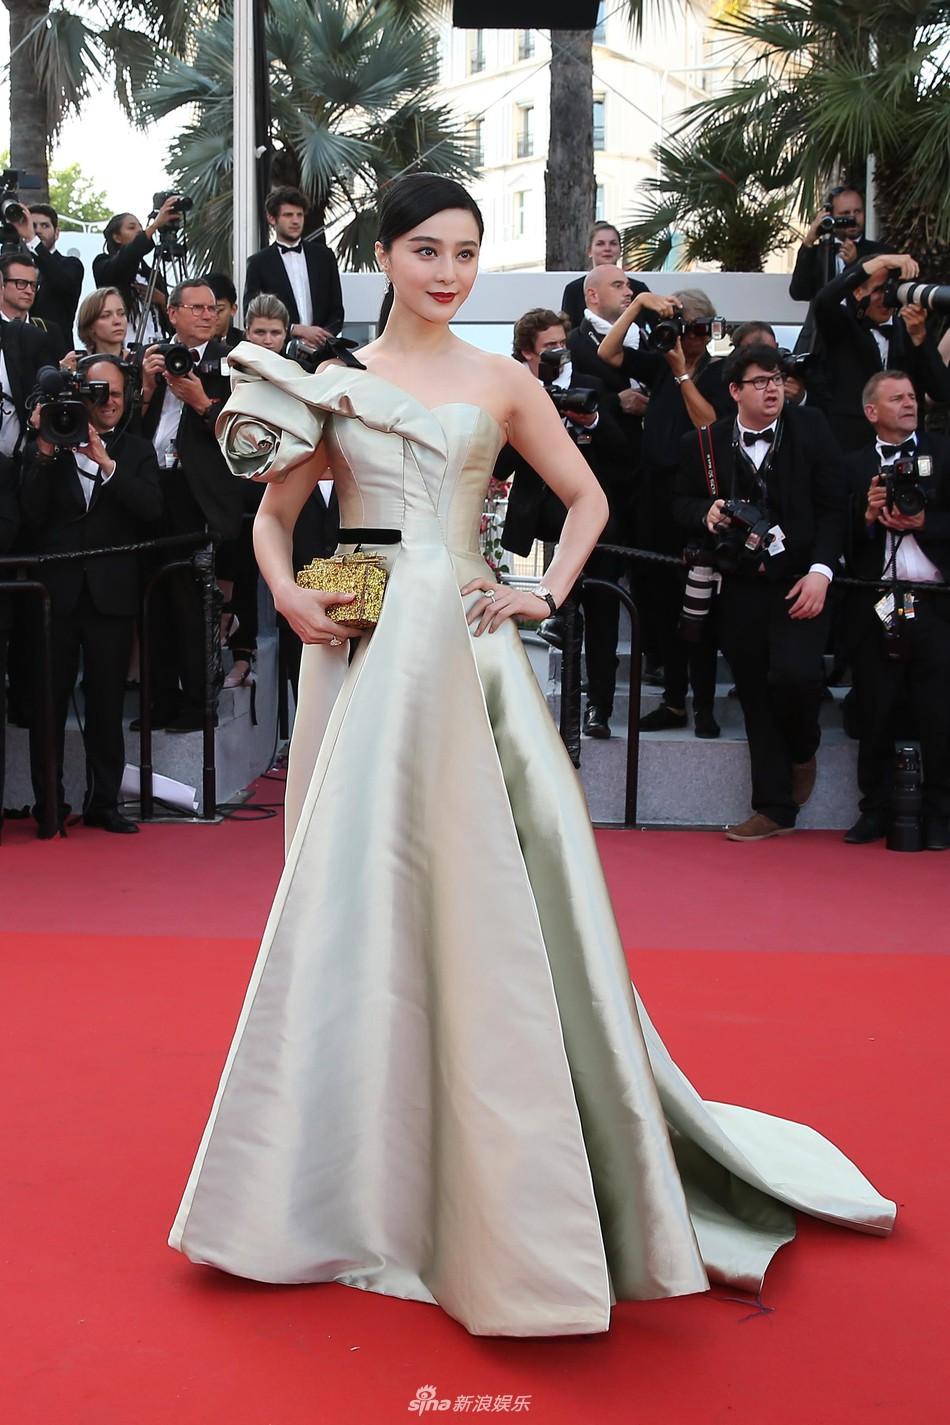 Thảm đỏ Cannes: Đây mới chính là nữ hoàng Phạm Băng Băng mà tất cả cùng mong chờ! - Ảnh 5.